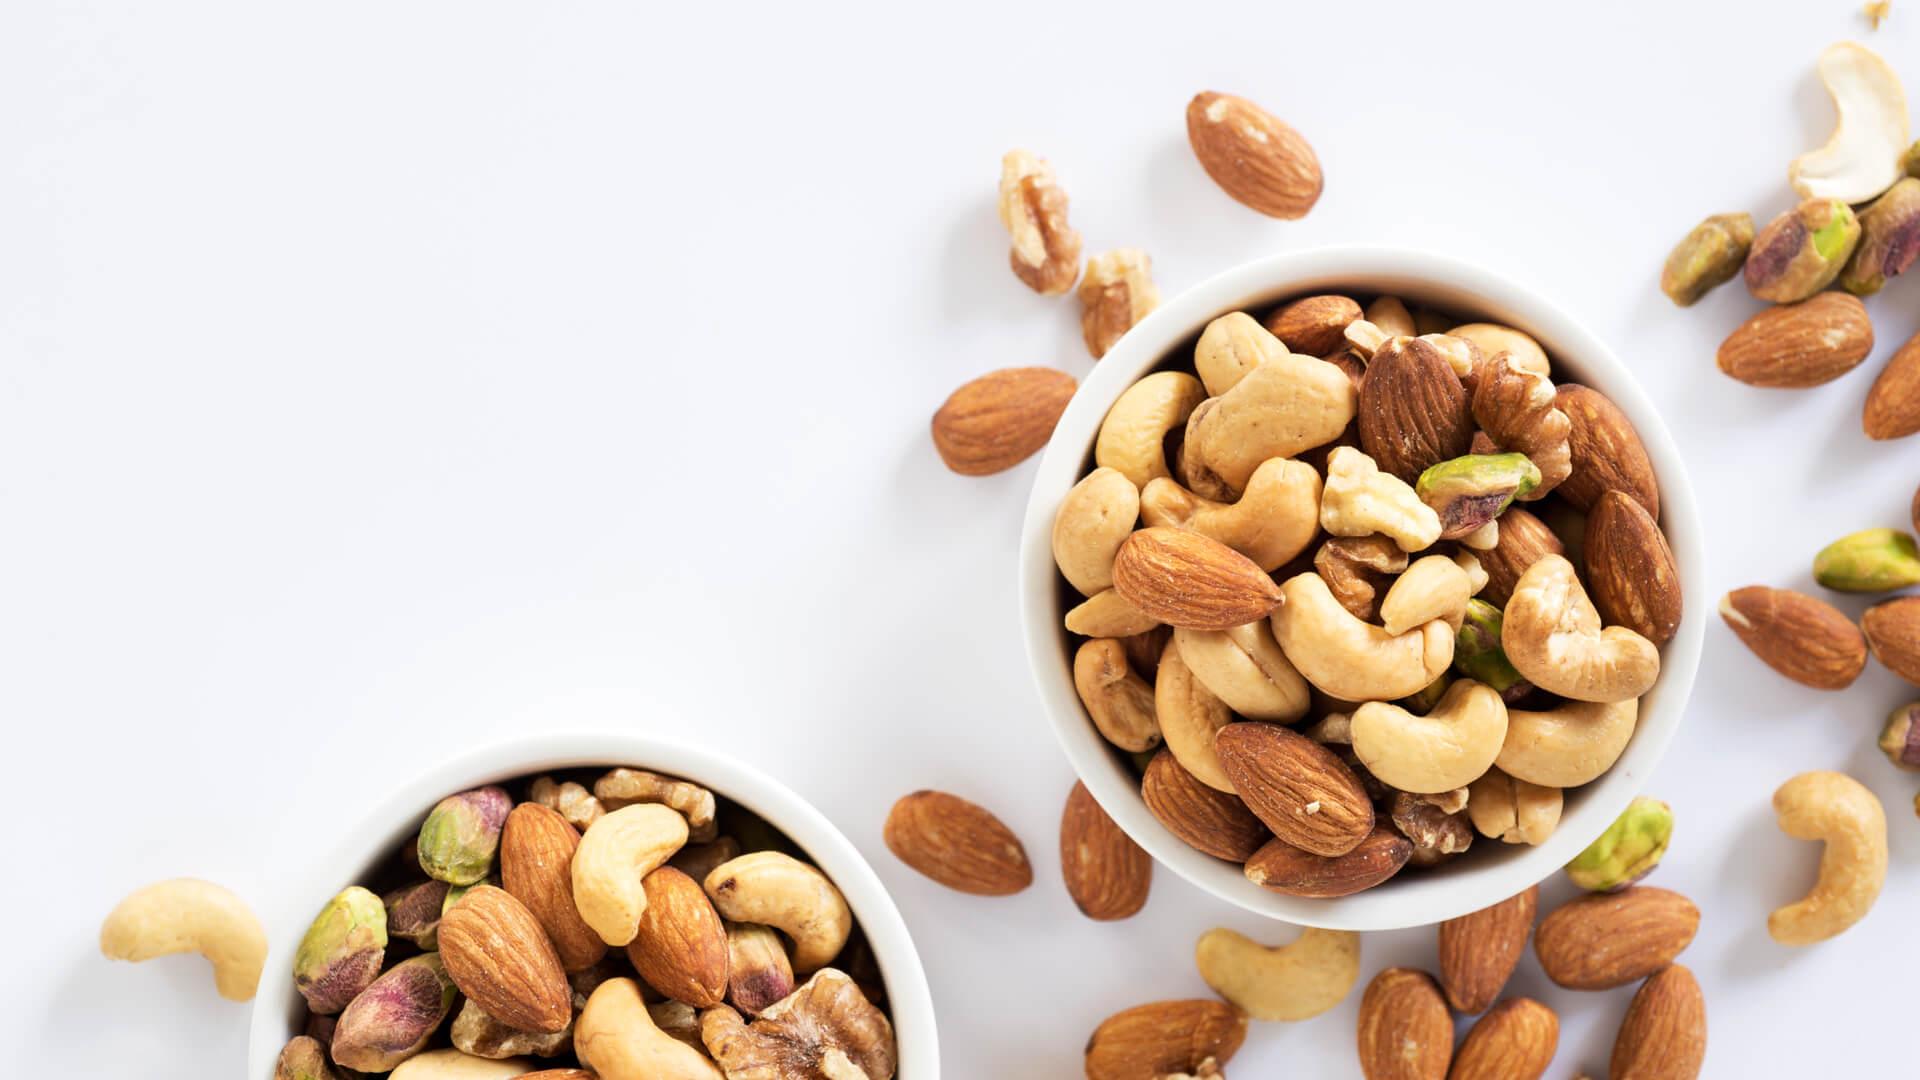 Forskellige nødder og mandler